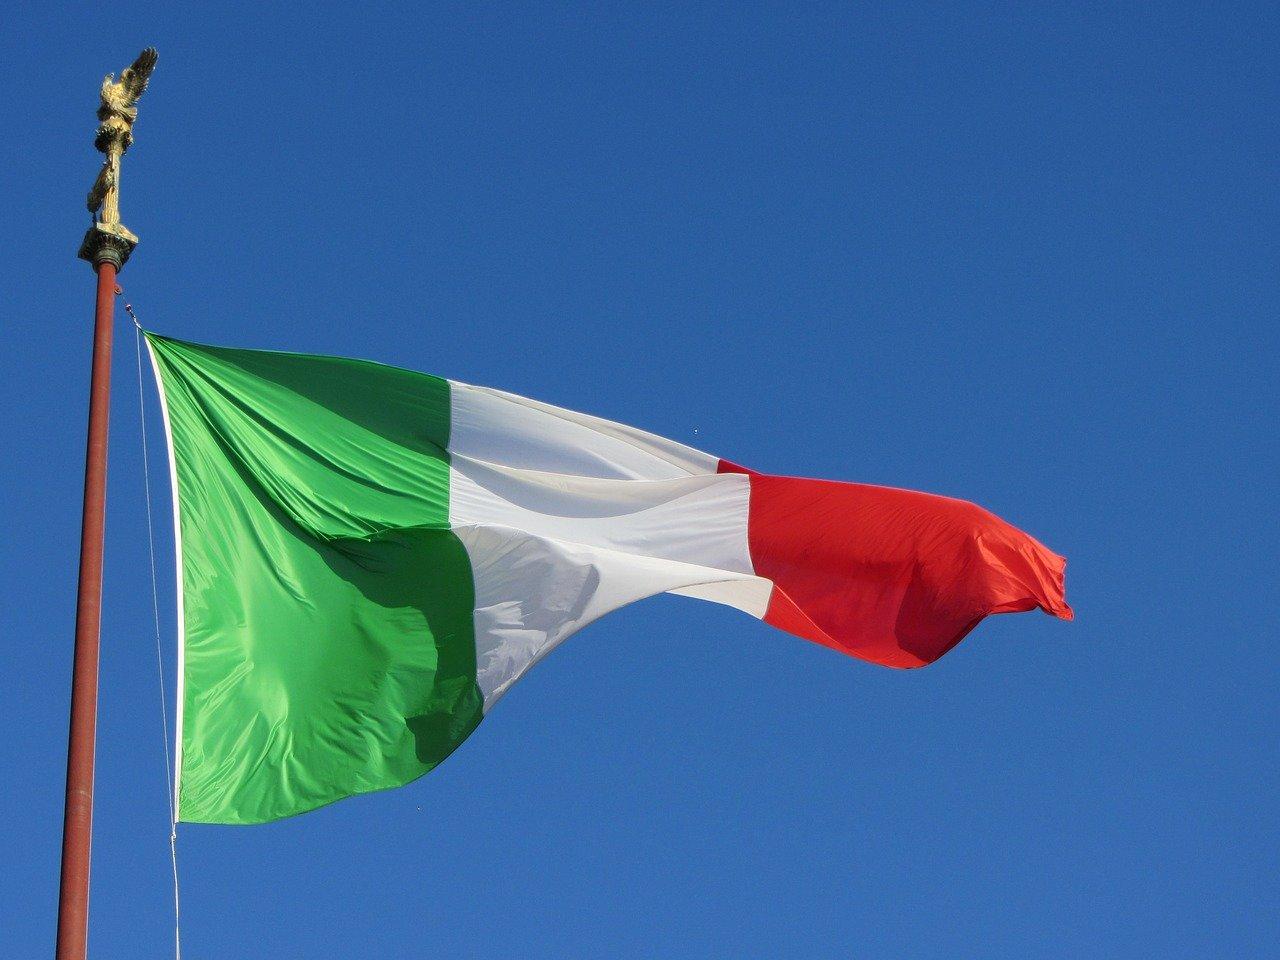 Italský ministr promluvil o migrantech a islámu: Je to šílené. Nekontrolovaná imigrace je chaos - anotační obrázek